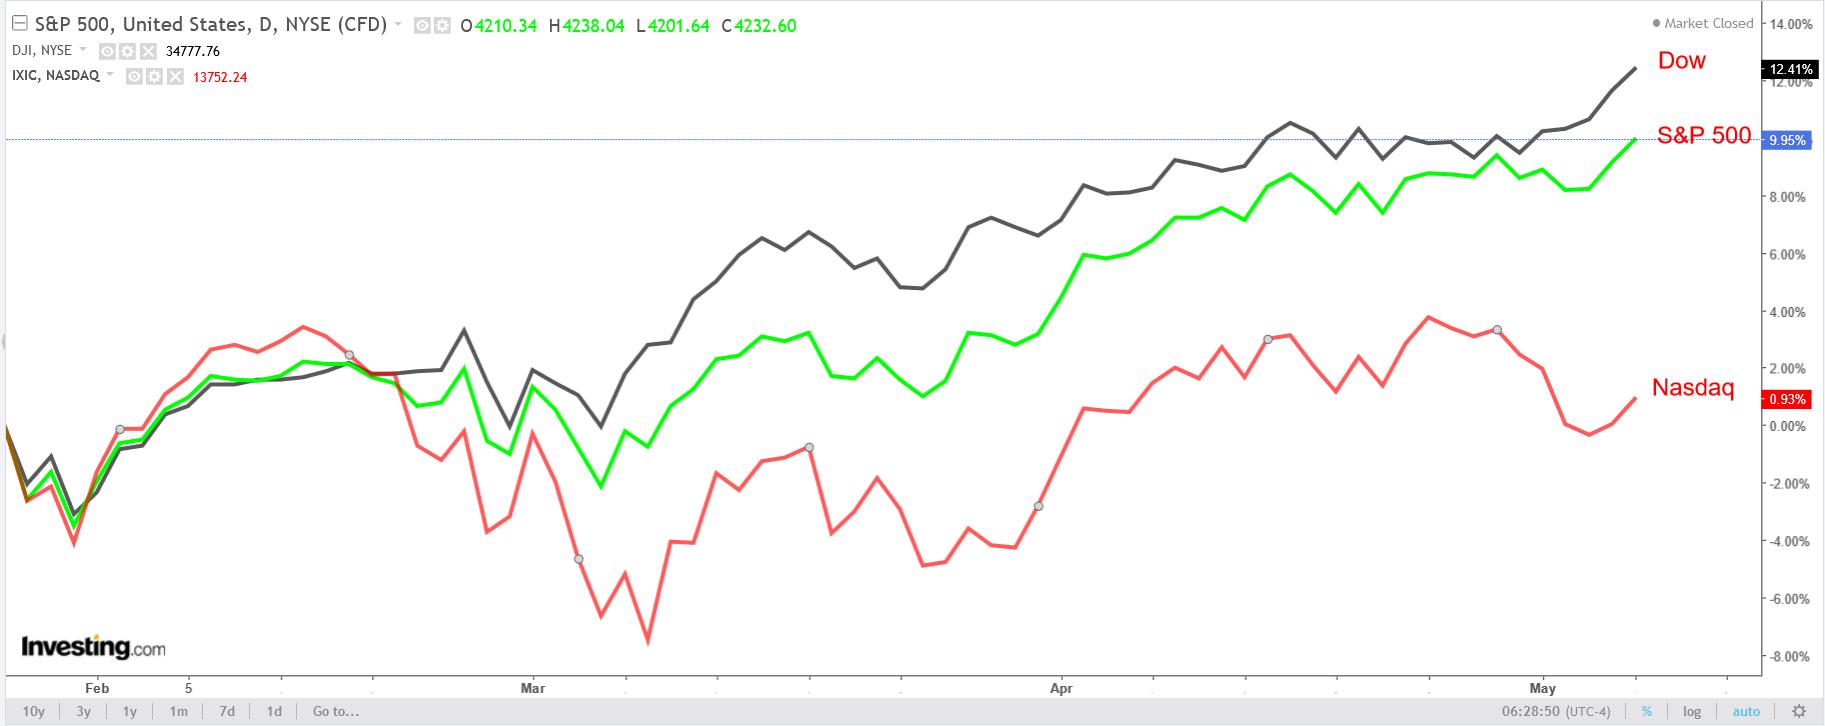 Graphique quotidien DOW, S&P 500 et NASDAQ